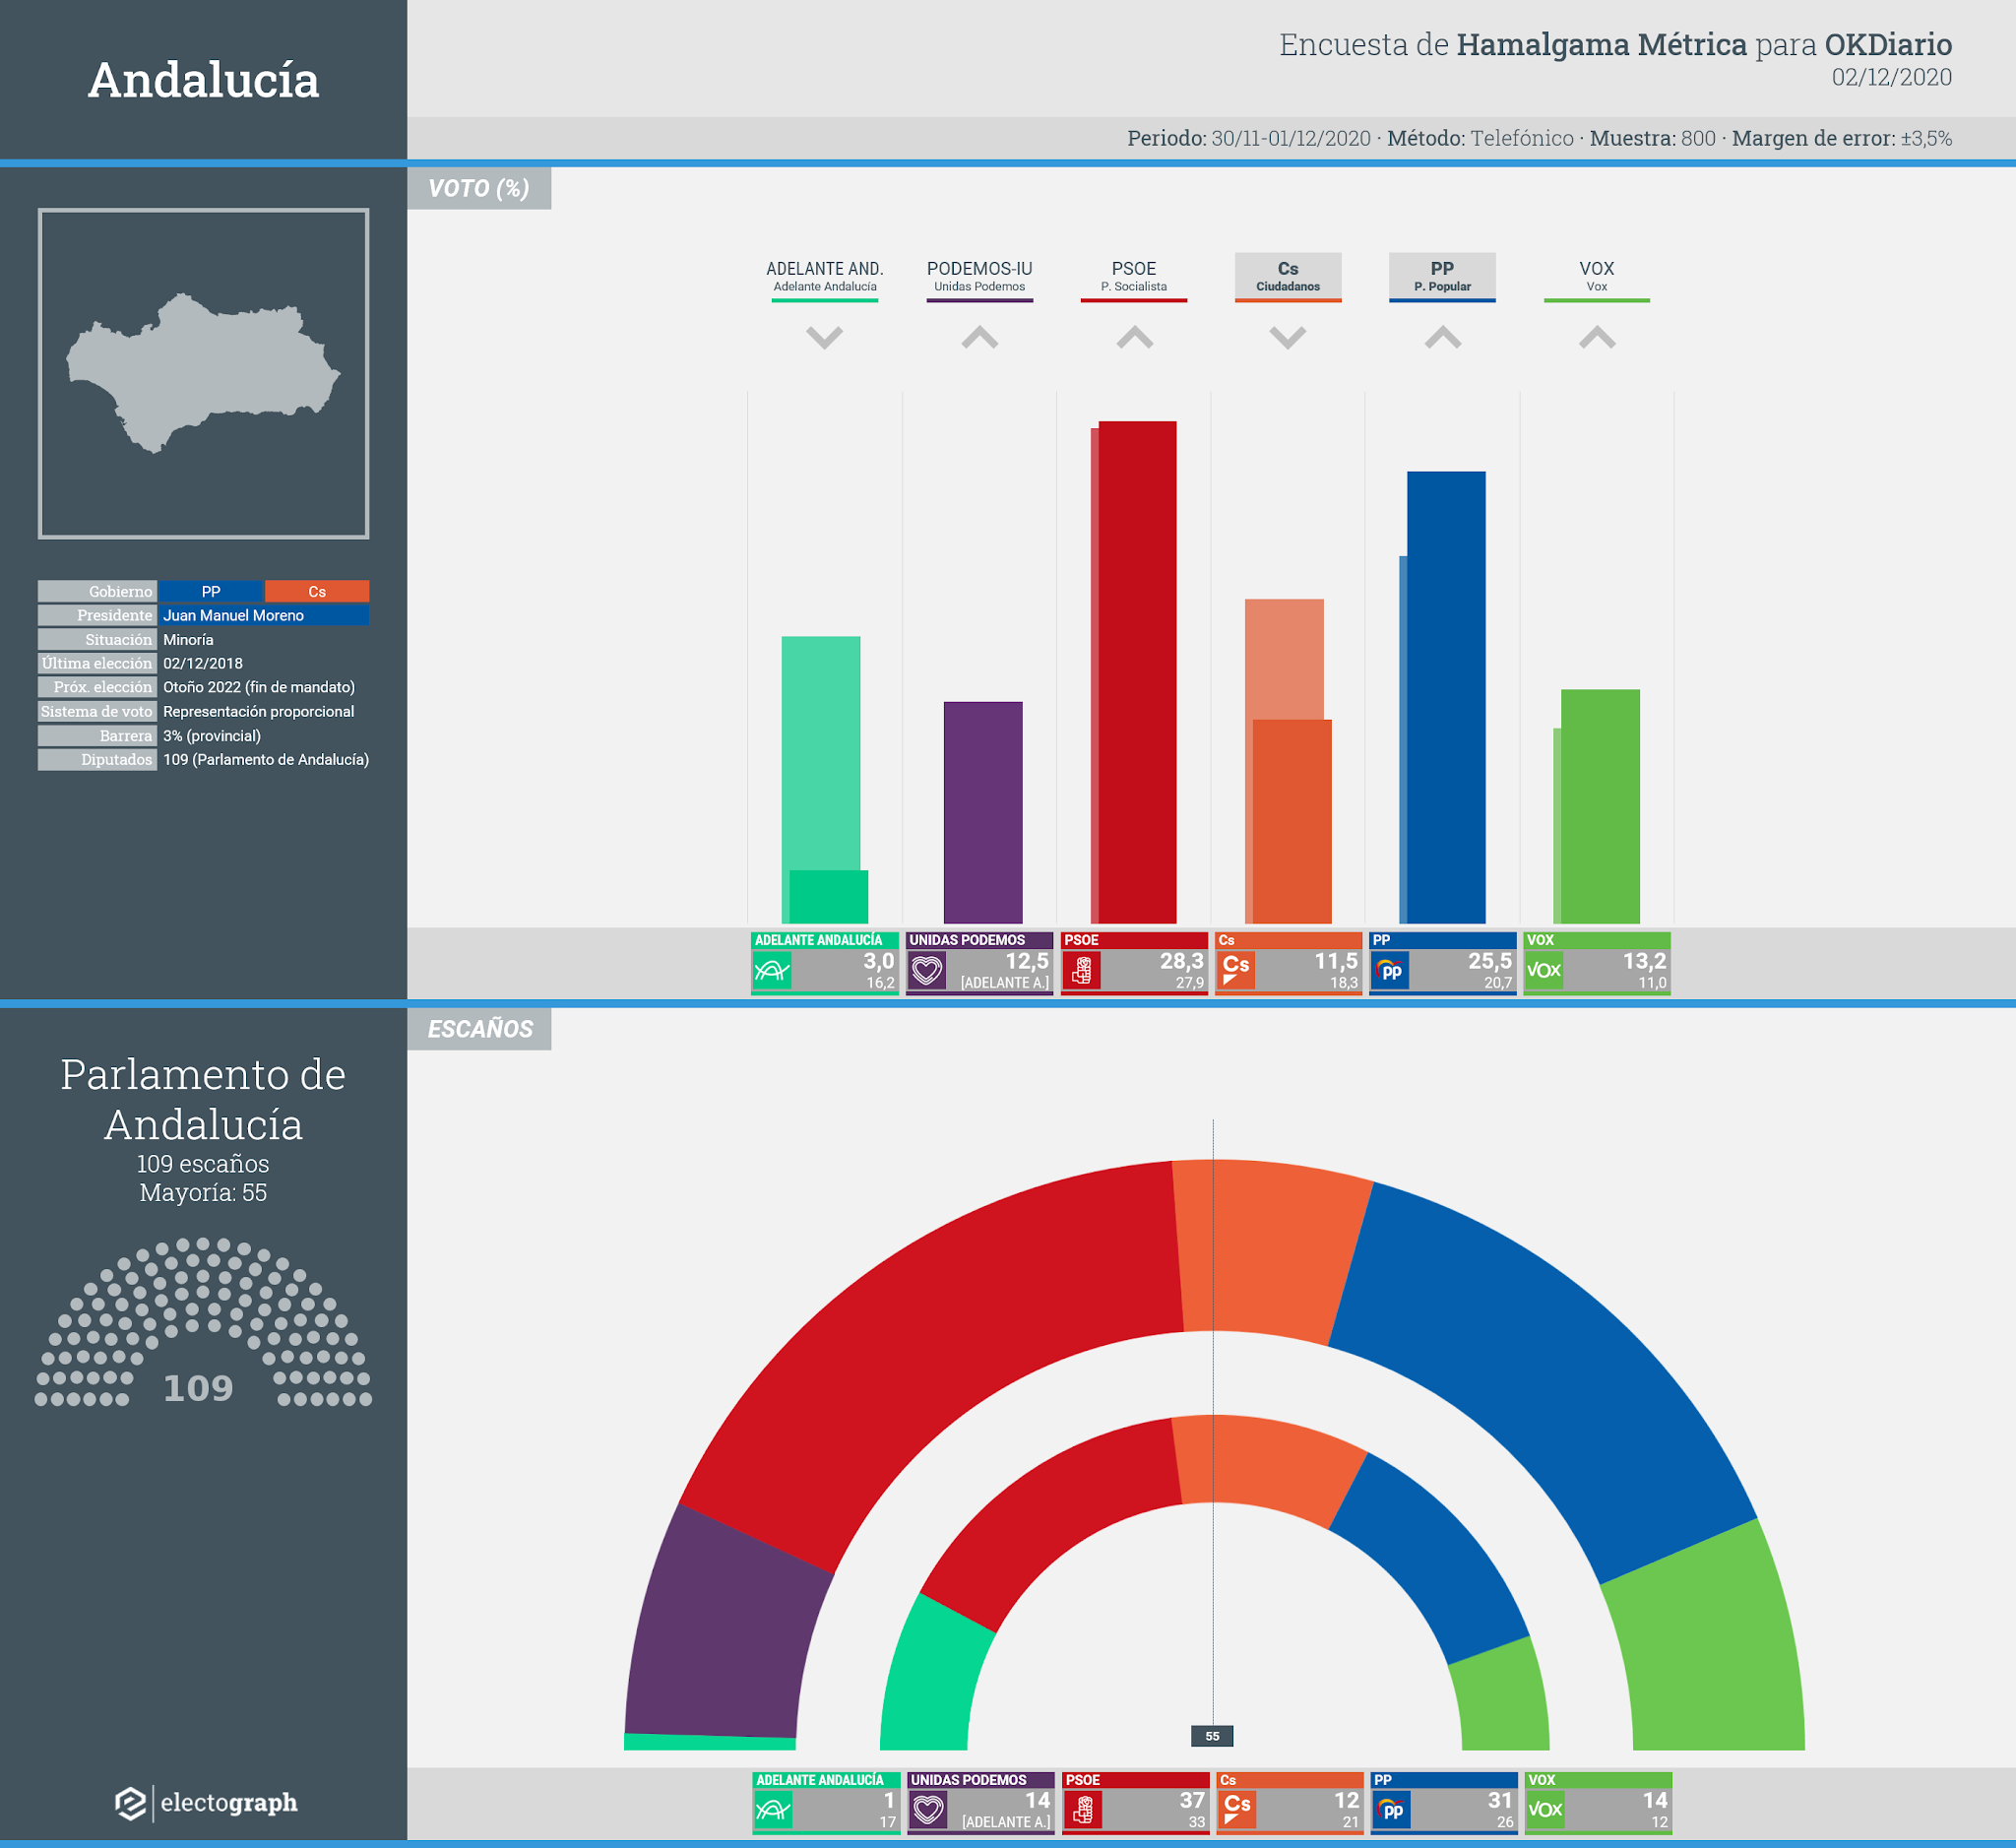 Gráfico de la encuesta para elecciones autonómicas en Andalucía realizada por Hamalgama Métrica para OKDiario, 2 de diciembre de 2020